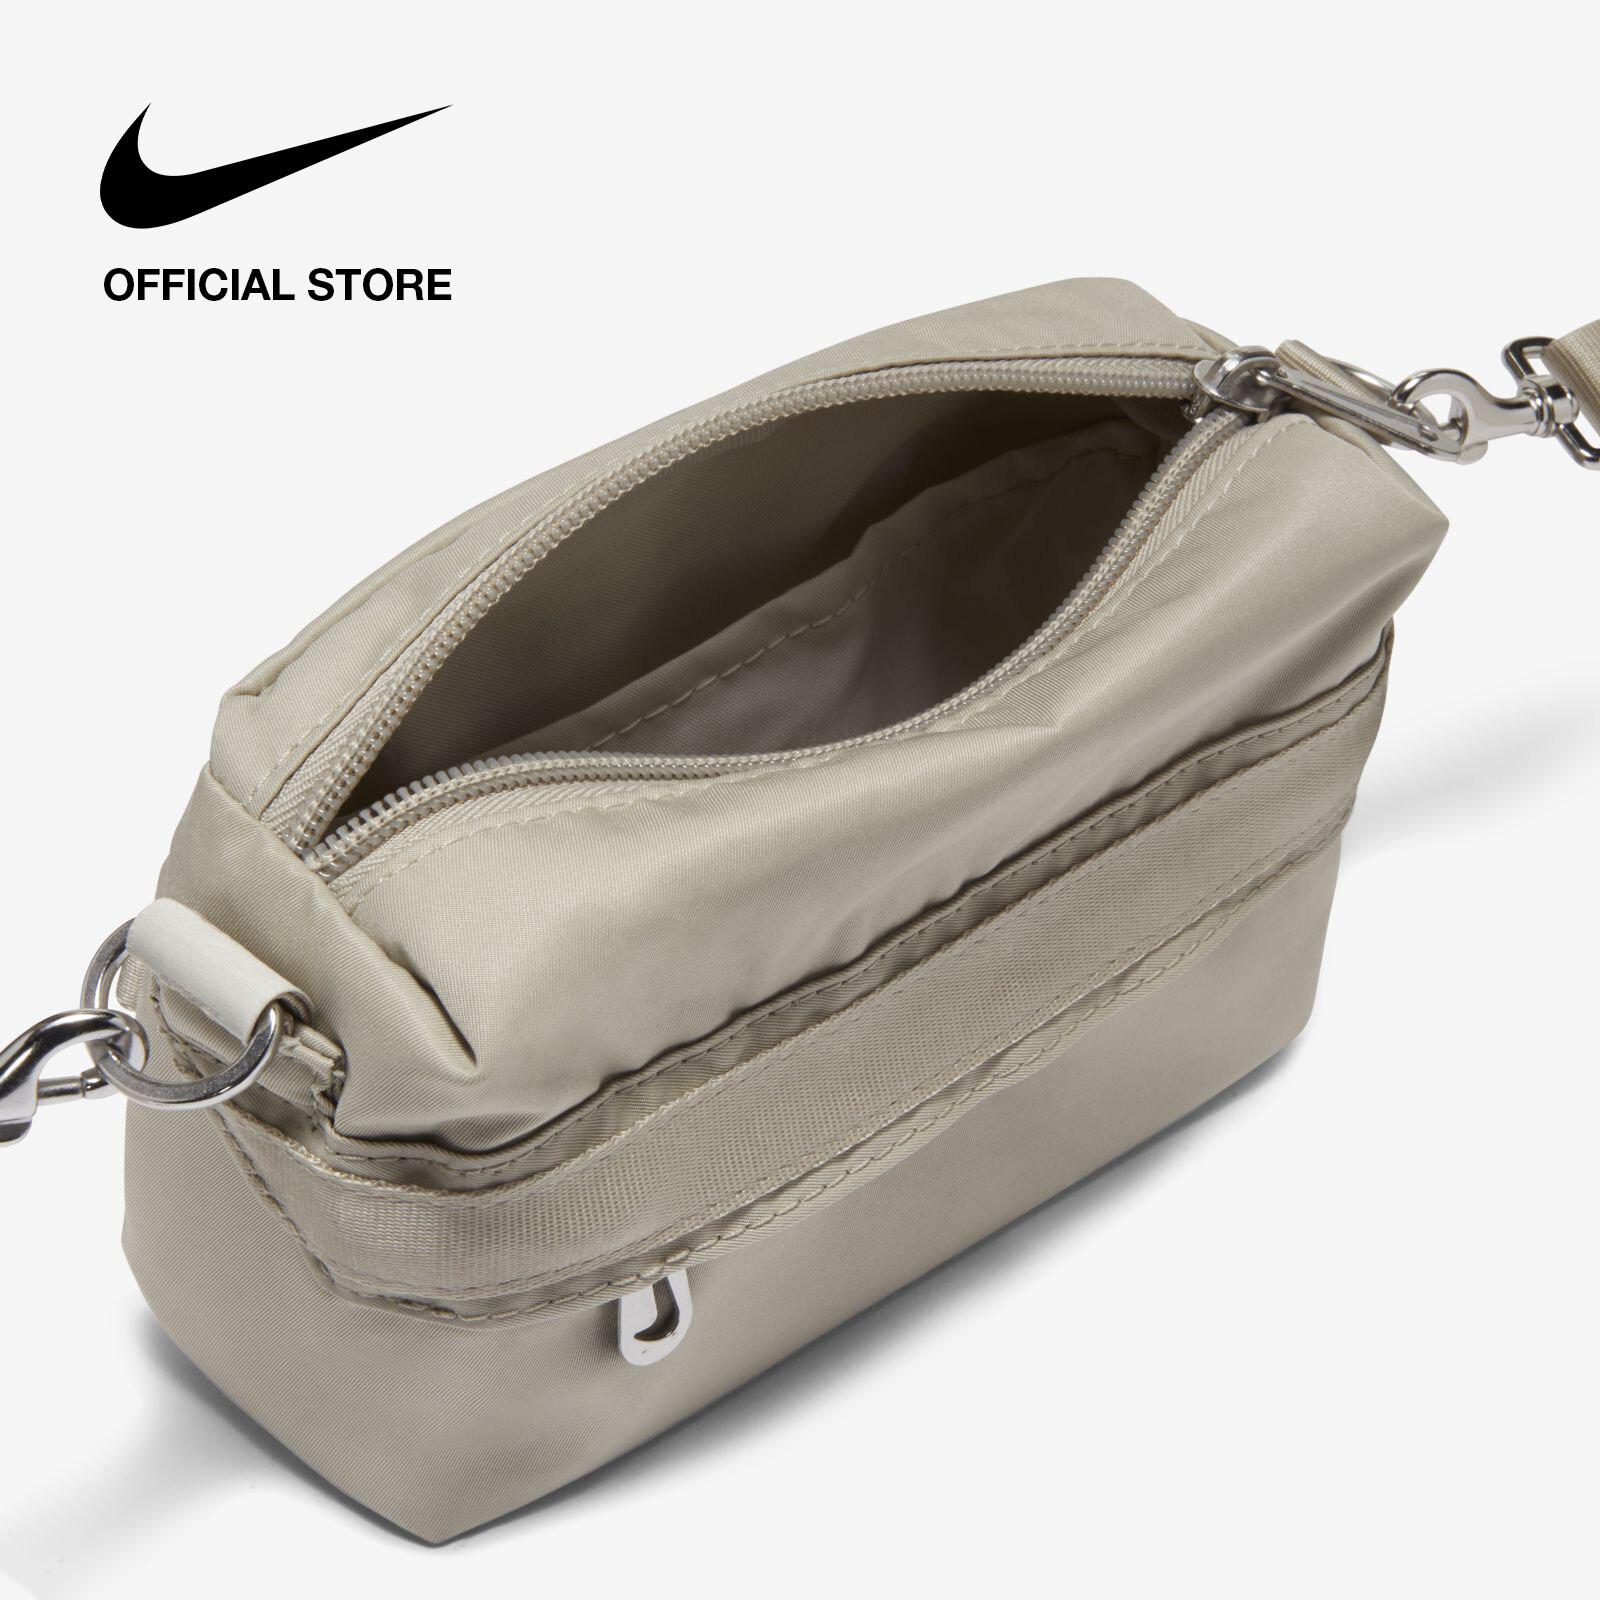 Nike Women's Sportswear Futura Luxe Cross-Body Bag - Stone ไนกี้ กระเป๋าพาดลำตัวผู้หญิง ฟูทูร่า ลุกซ์ - สีหิน